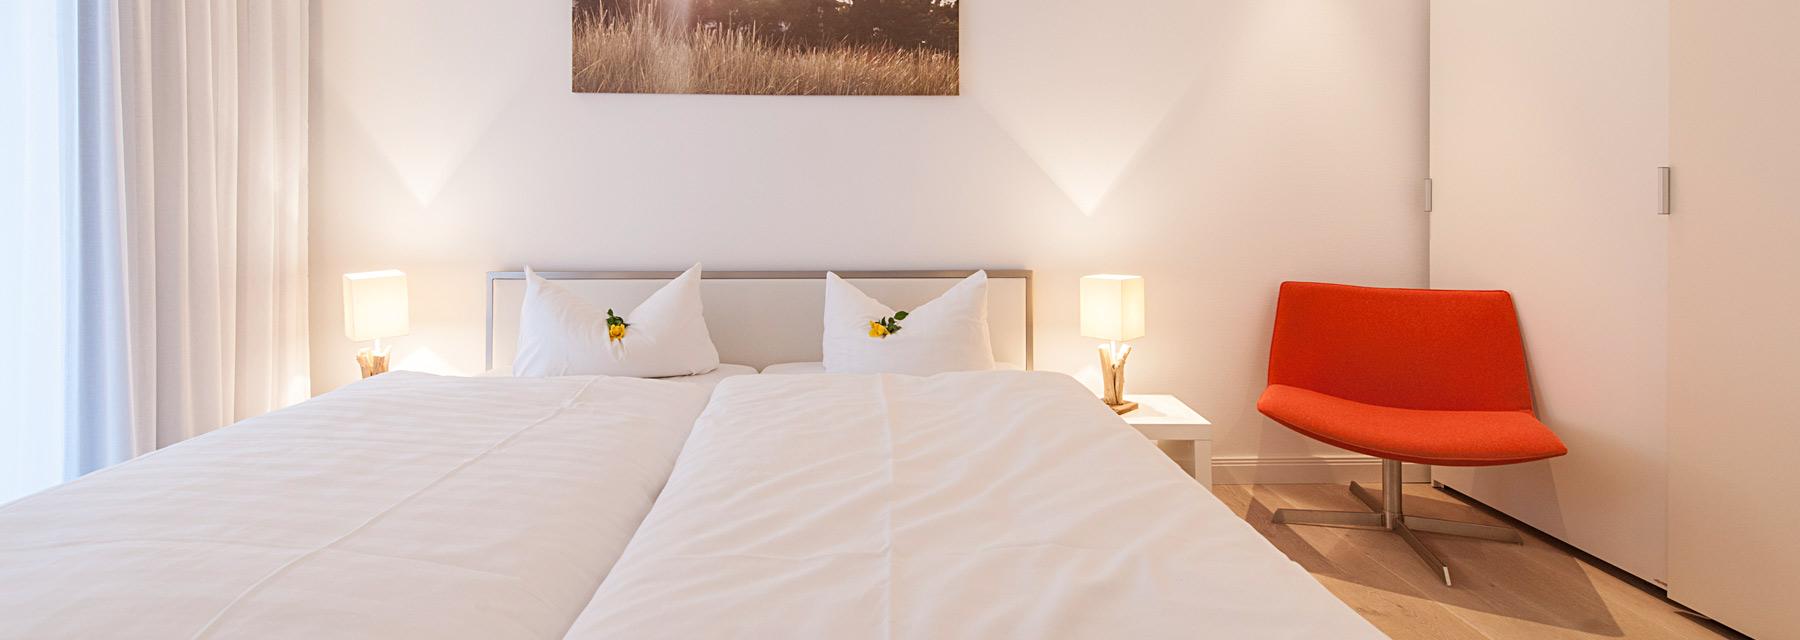 ferienwohnung buchen binz bild 17 schlafzimmer